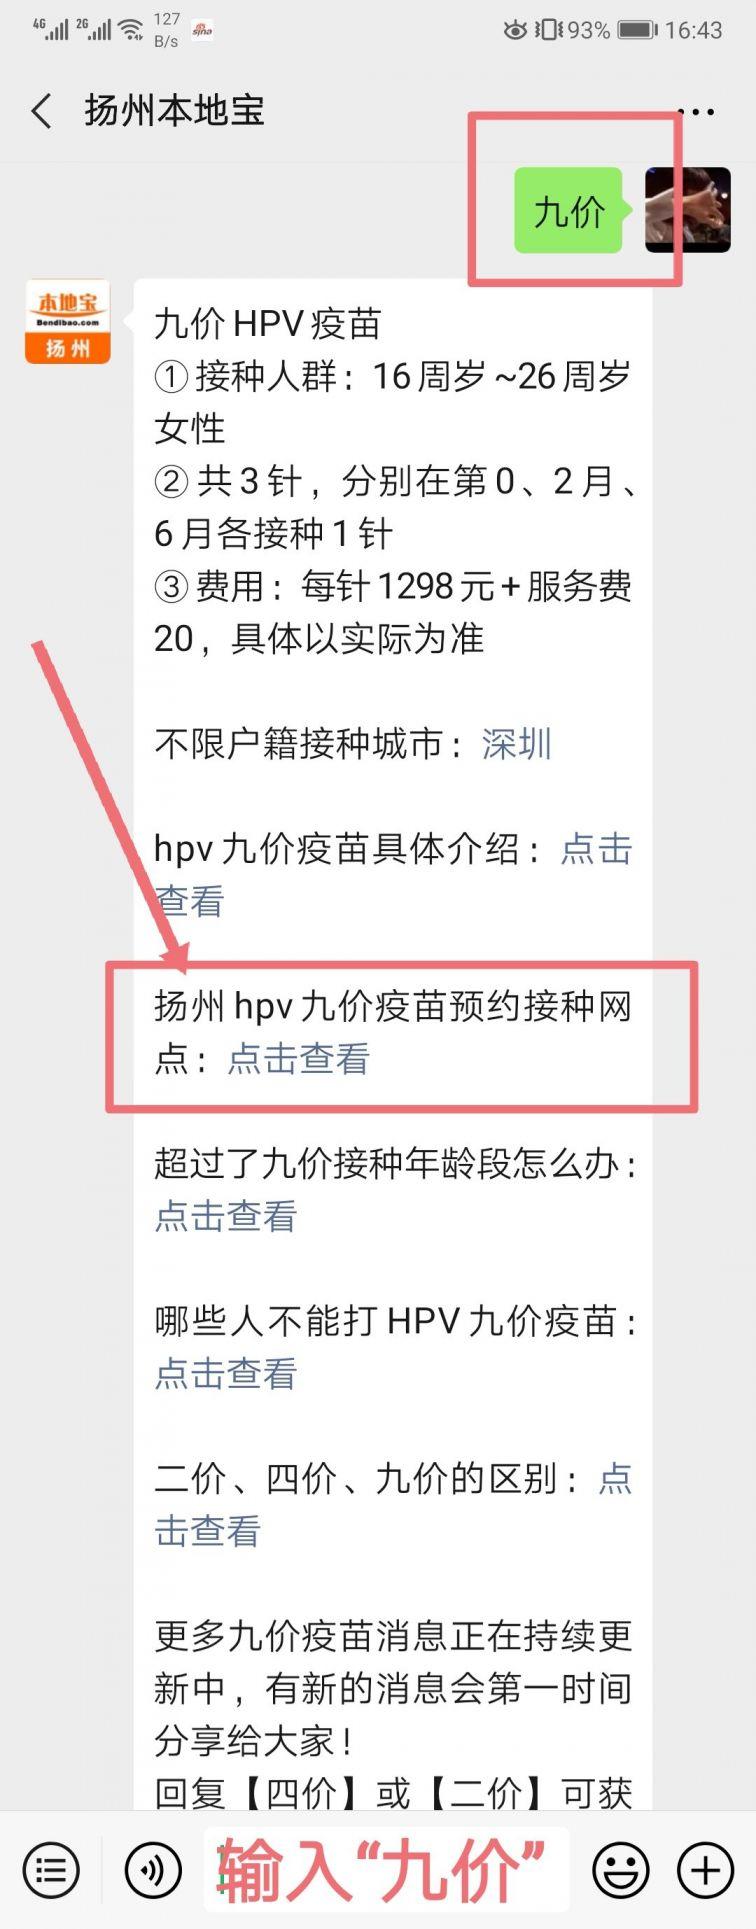 扬州HPV九价疫苗预约接种网点一览(附电话+地址)